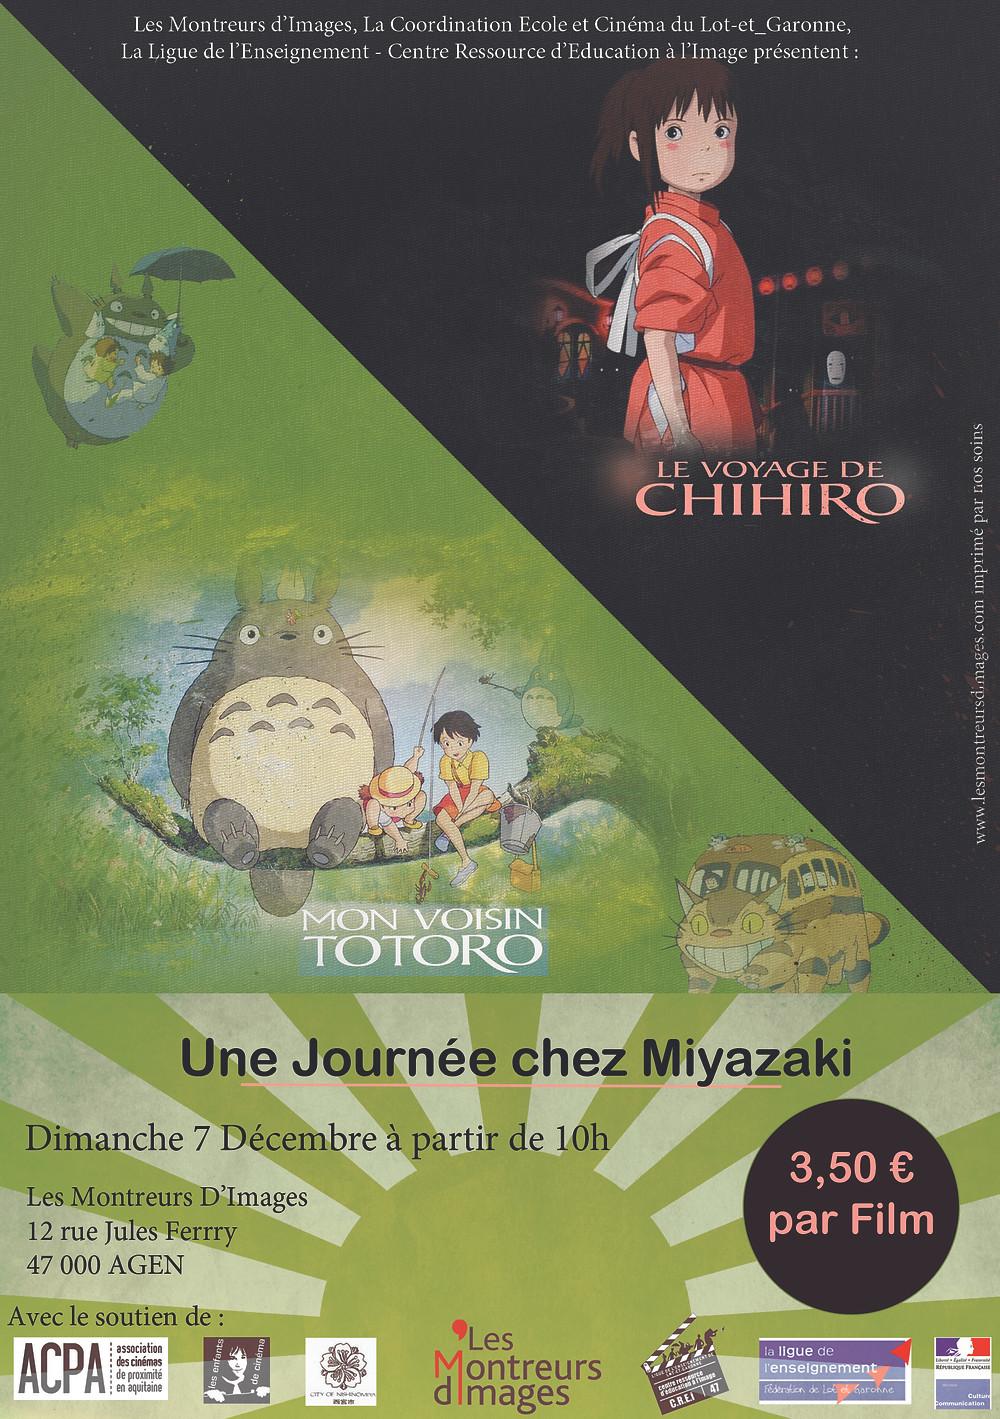 Affiche_et_Flyer_Miyazaki_public.jpg